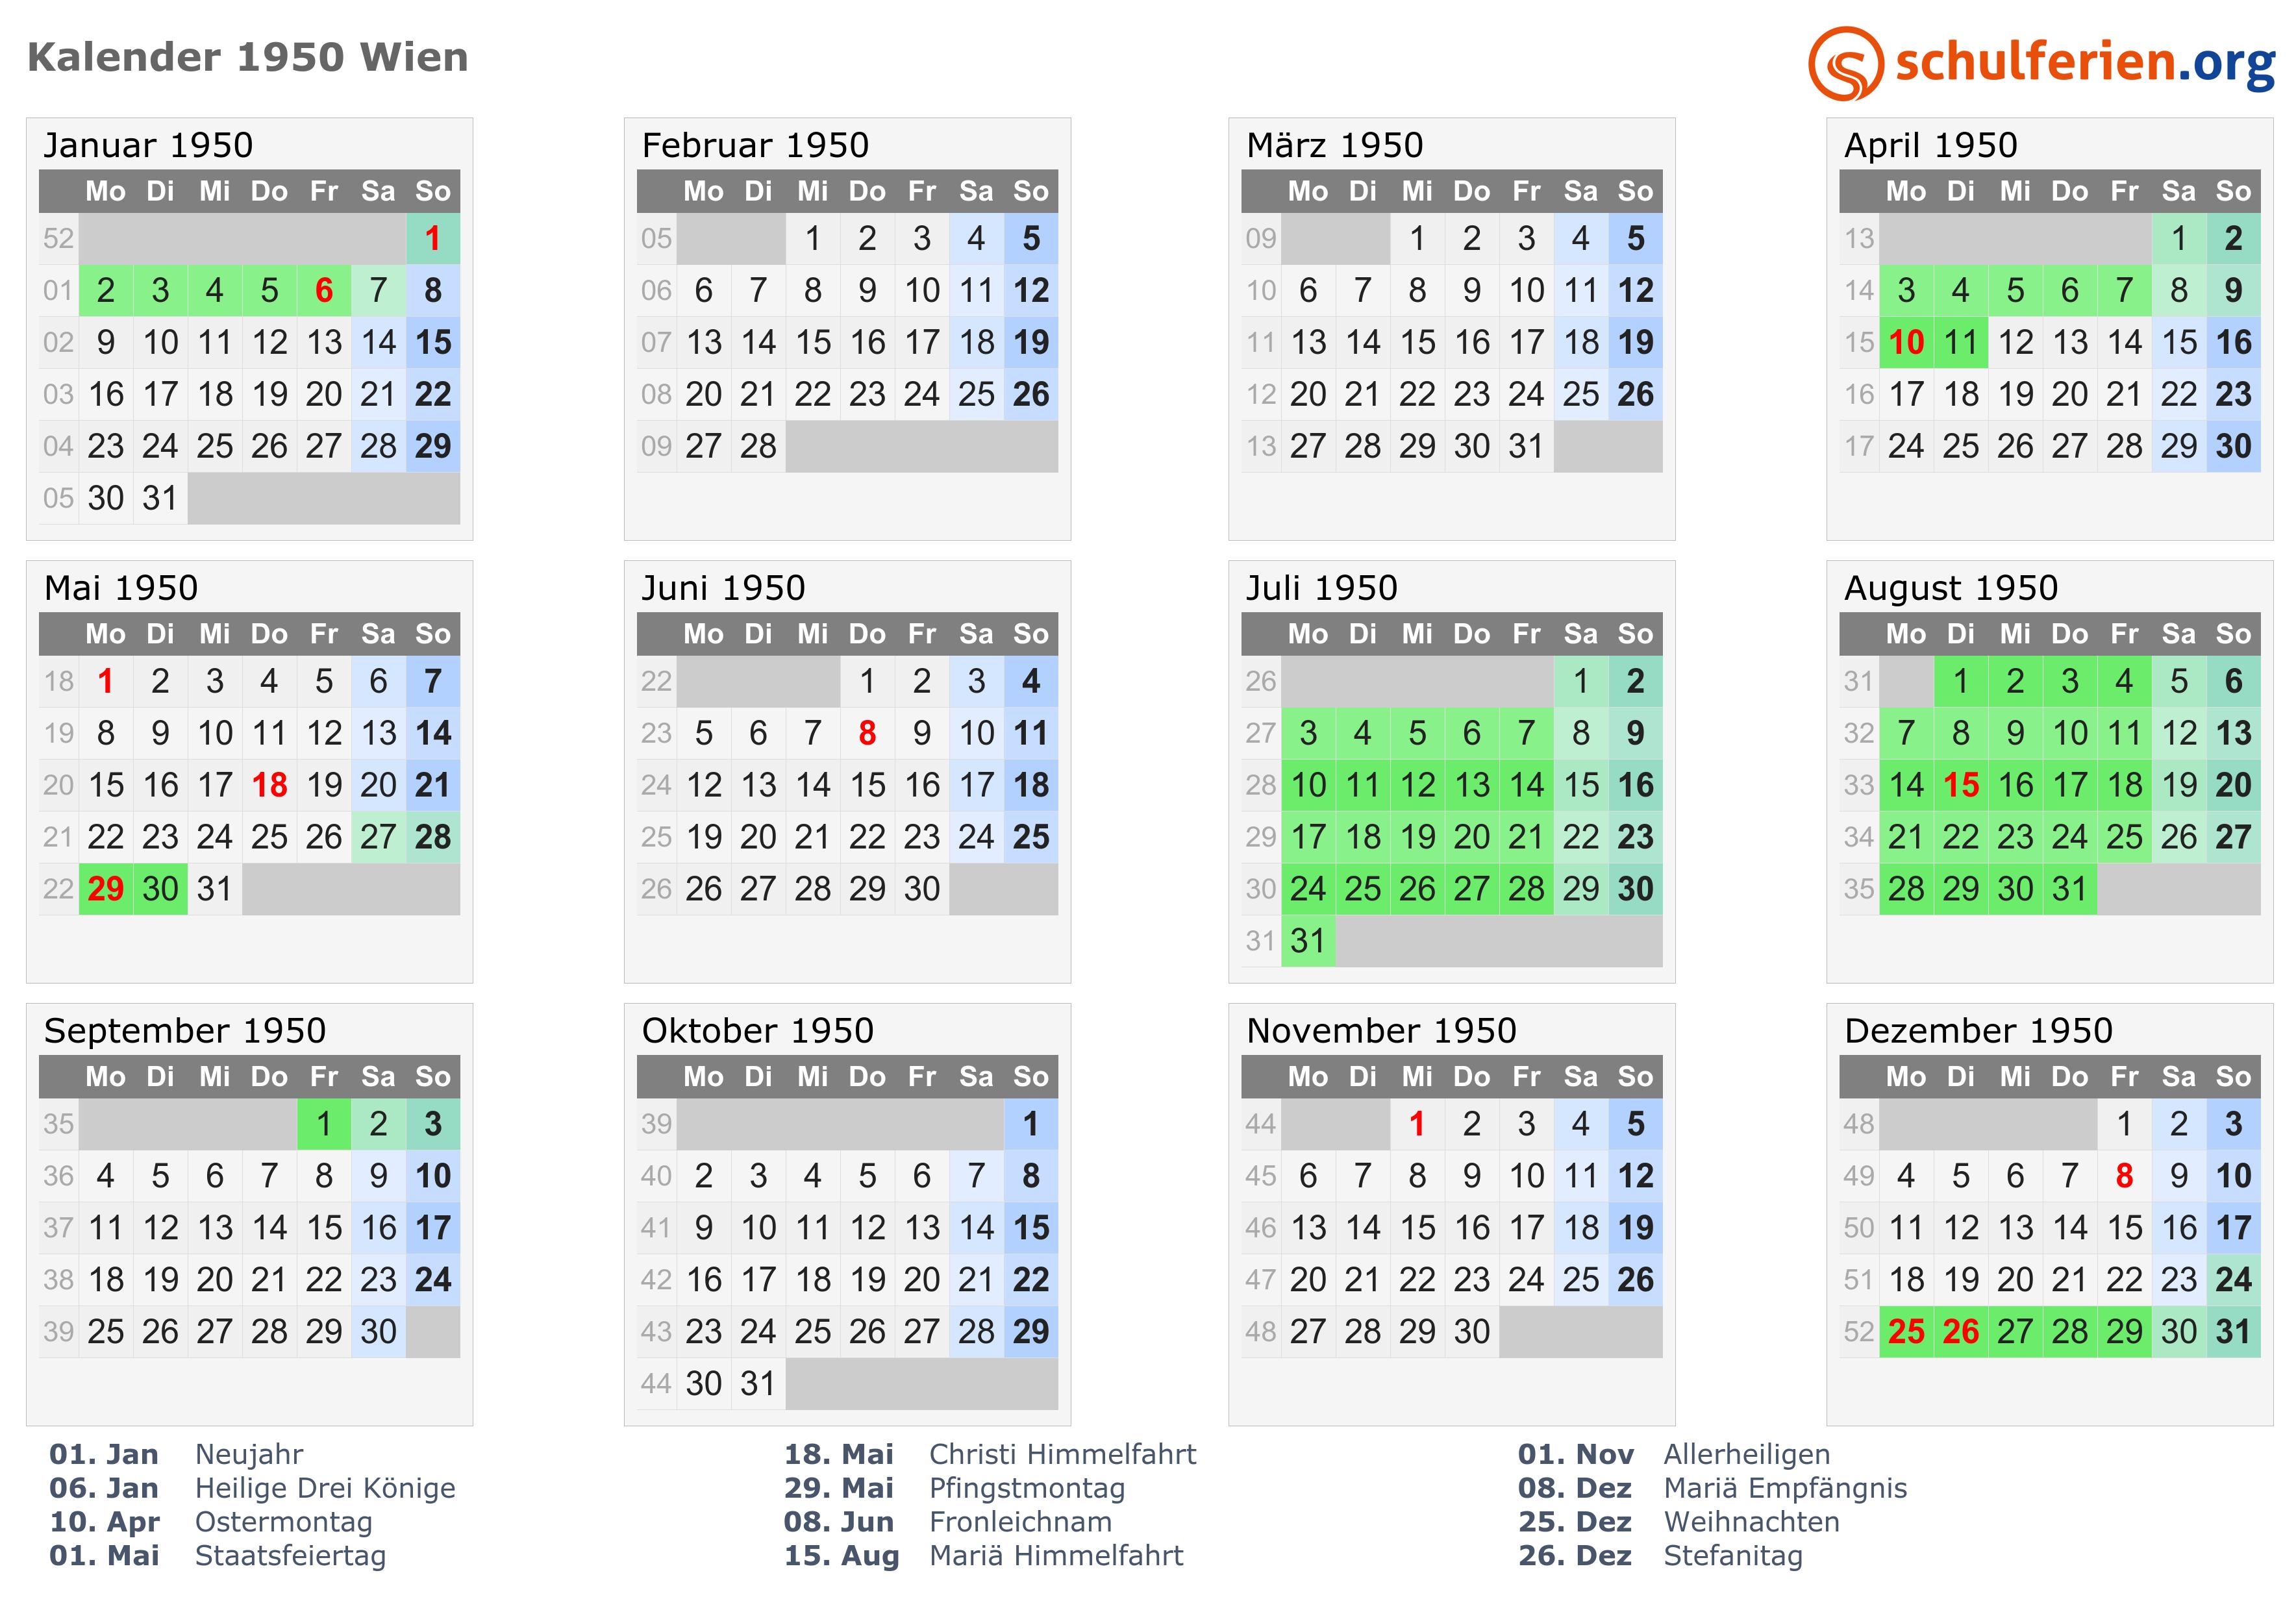 Kalender 1950 Wien